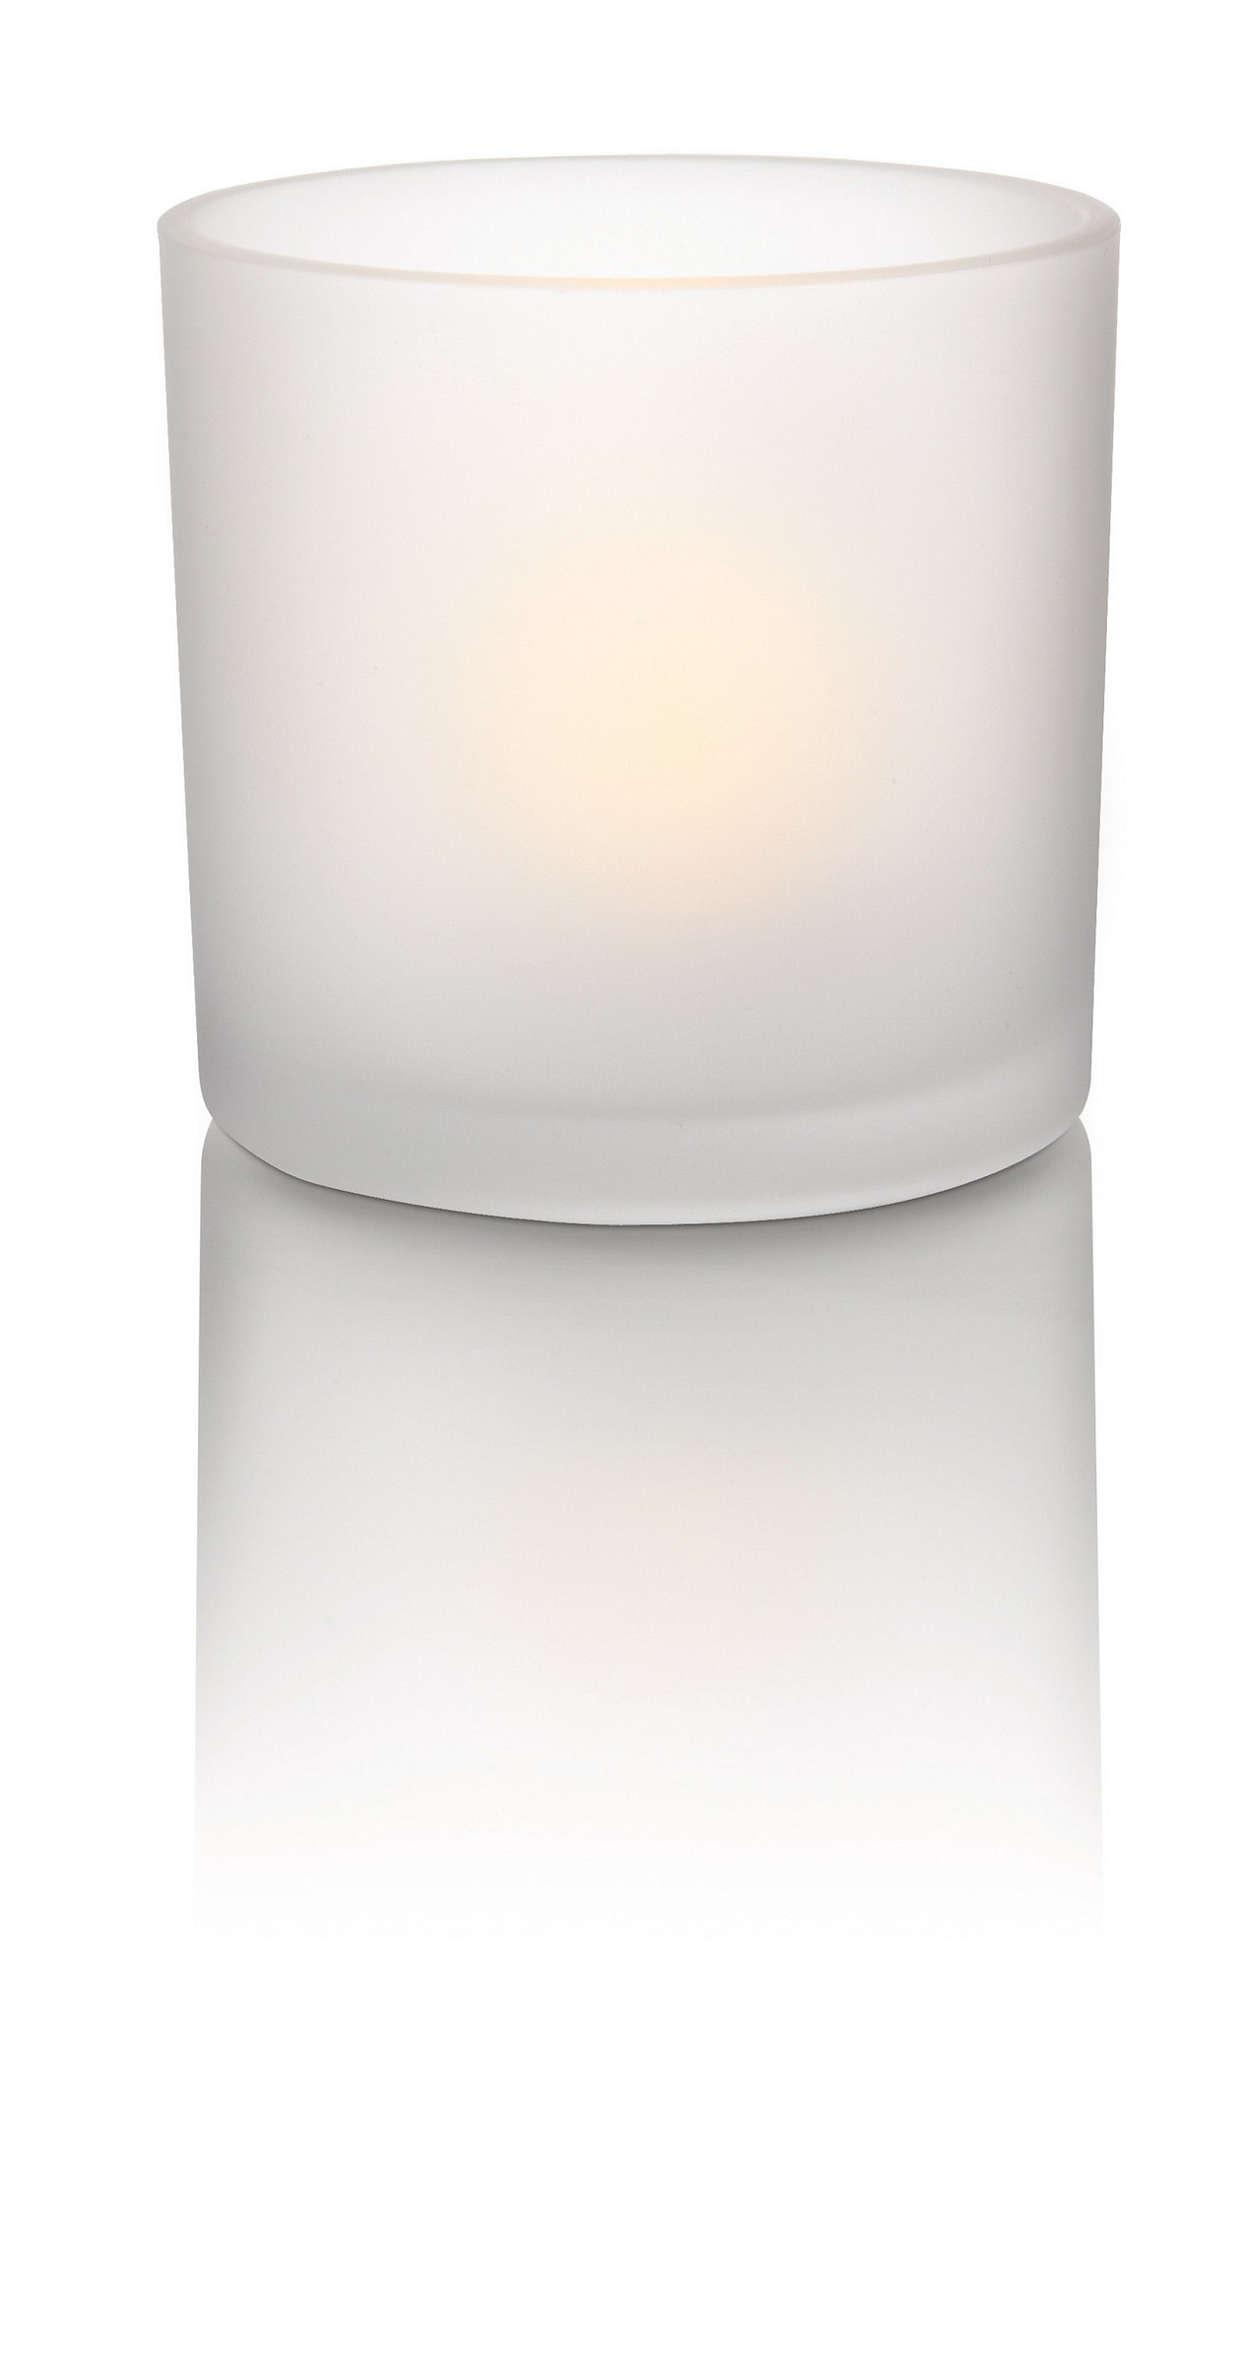 Farv din verden med lys